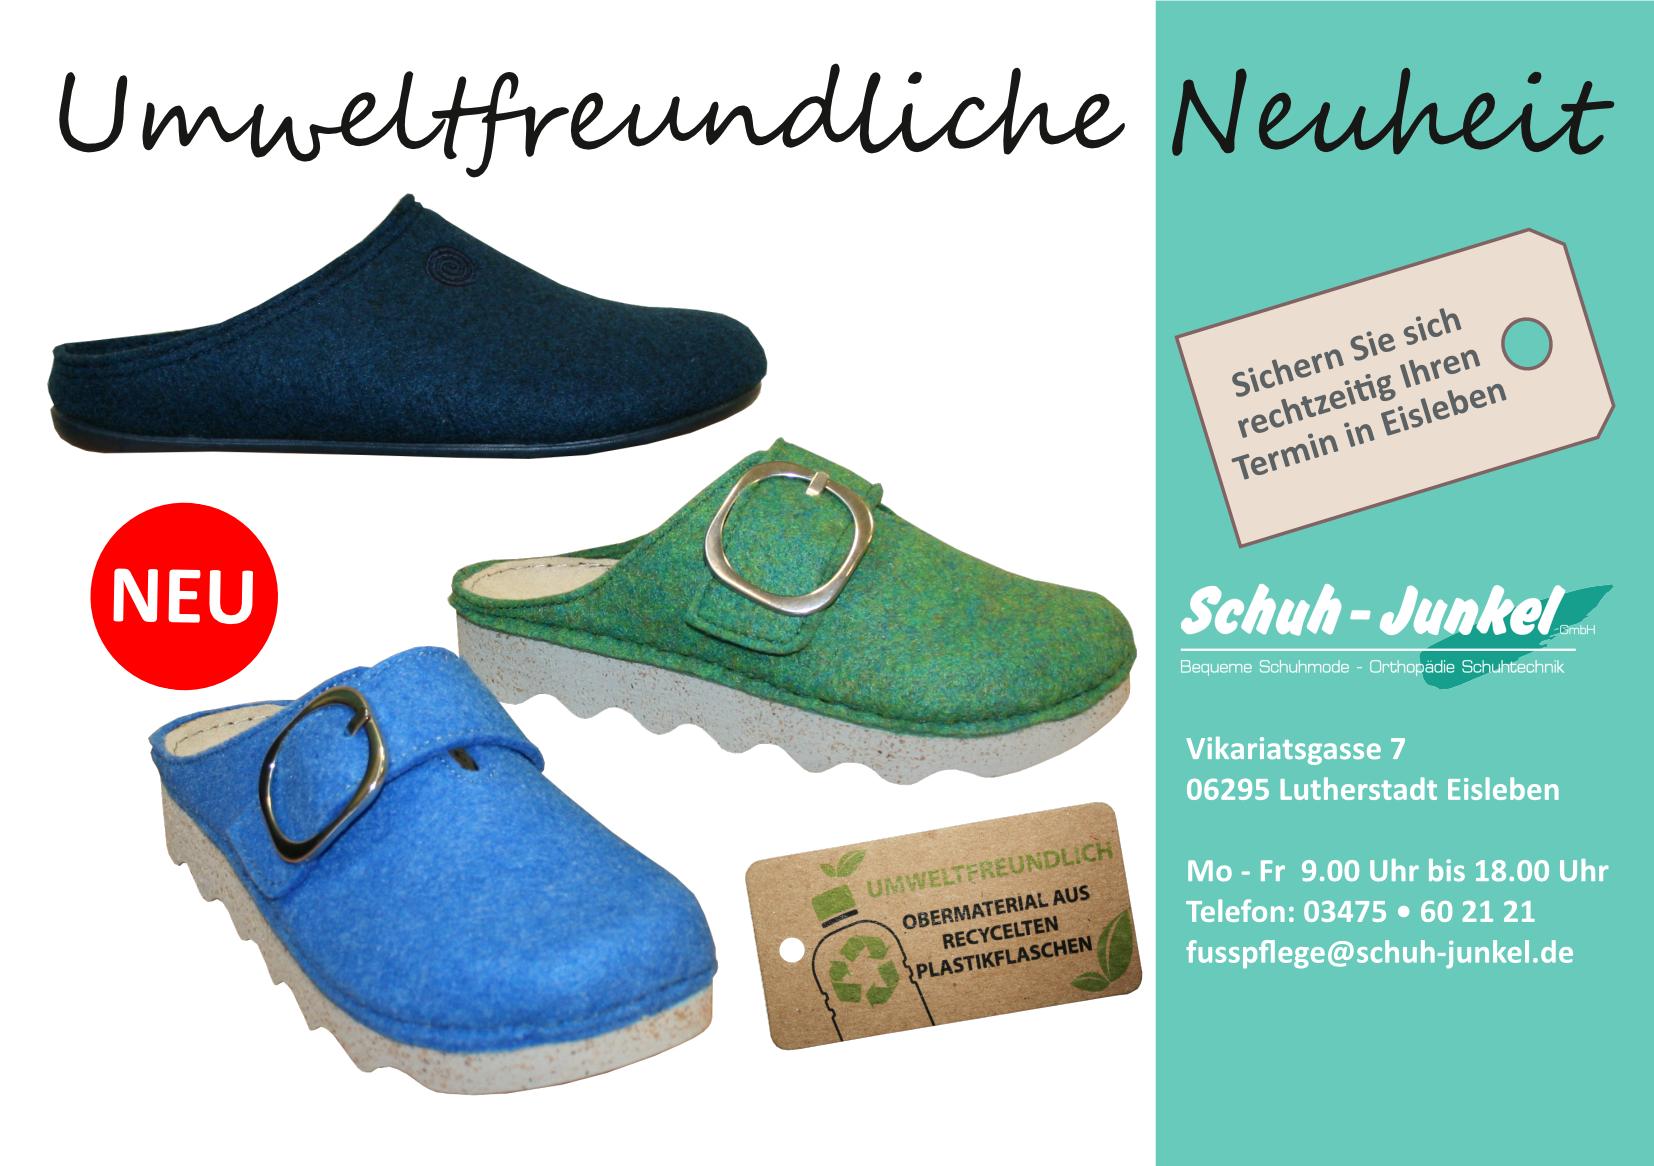 Umweltfreundliche Neuheiten - Schuhe aus recycelten Plastikflaschen